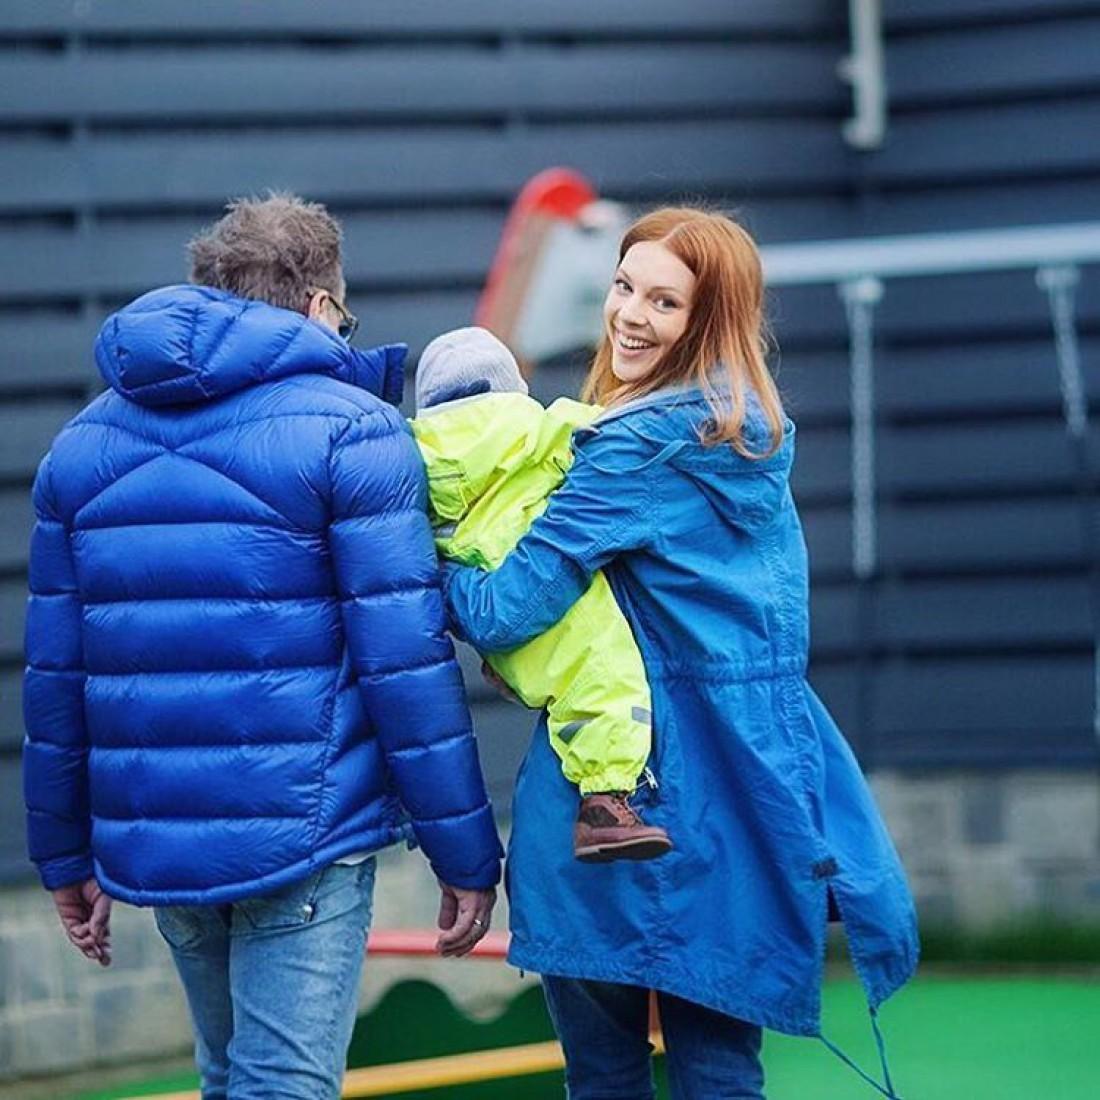 Наталья Подольская показала, наконец, своего ребенка Артемия